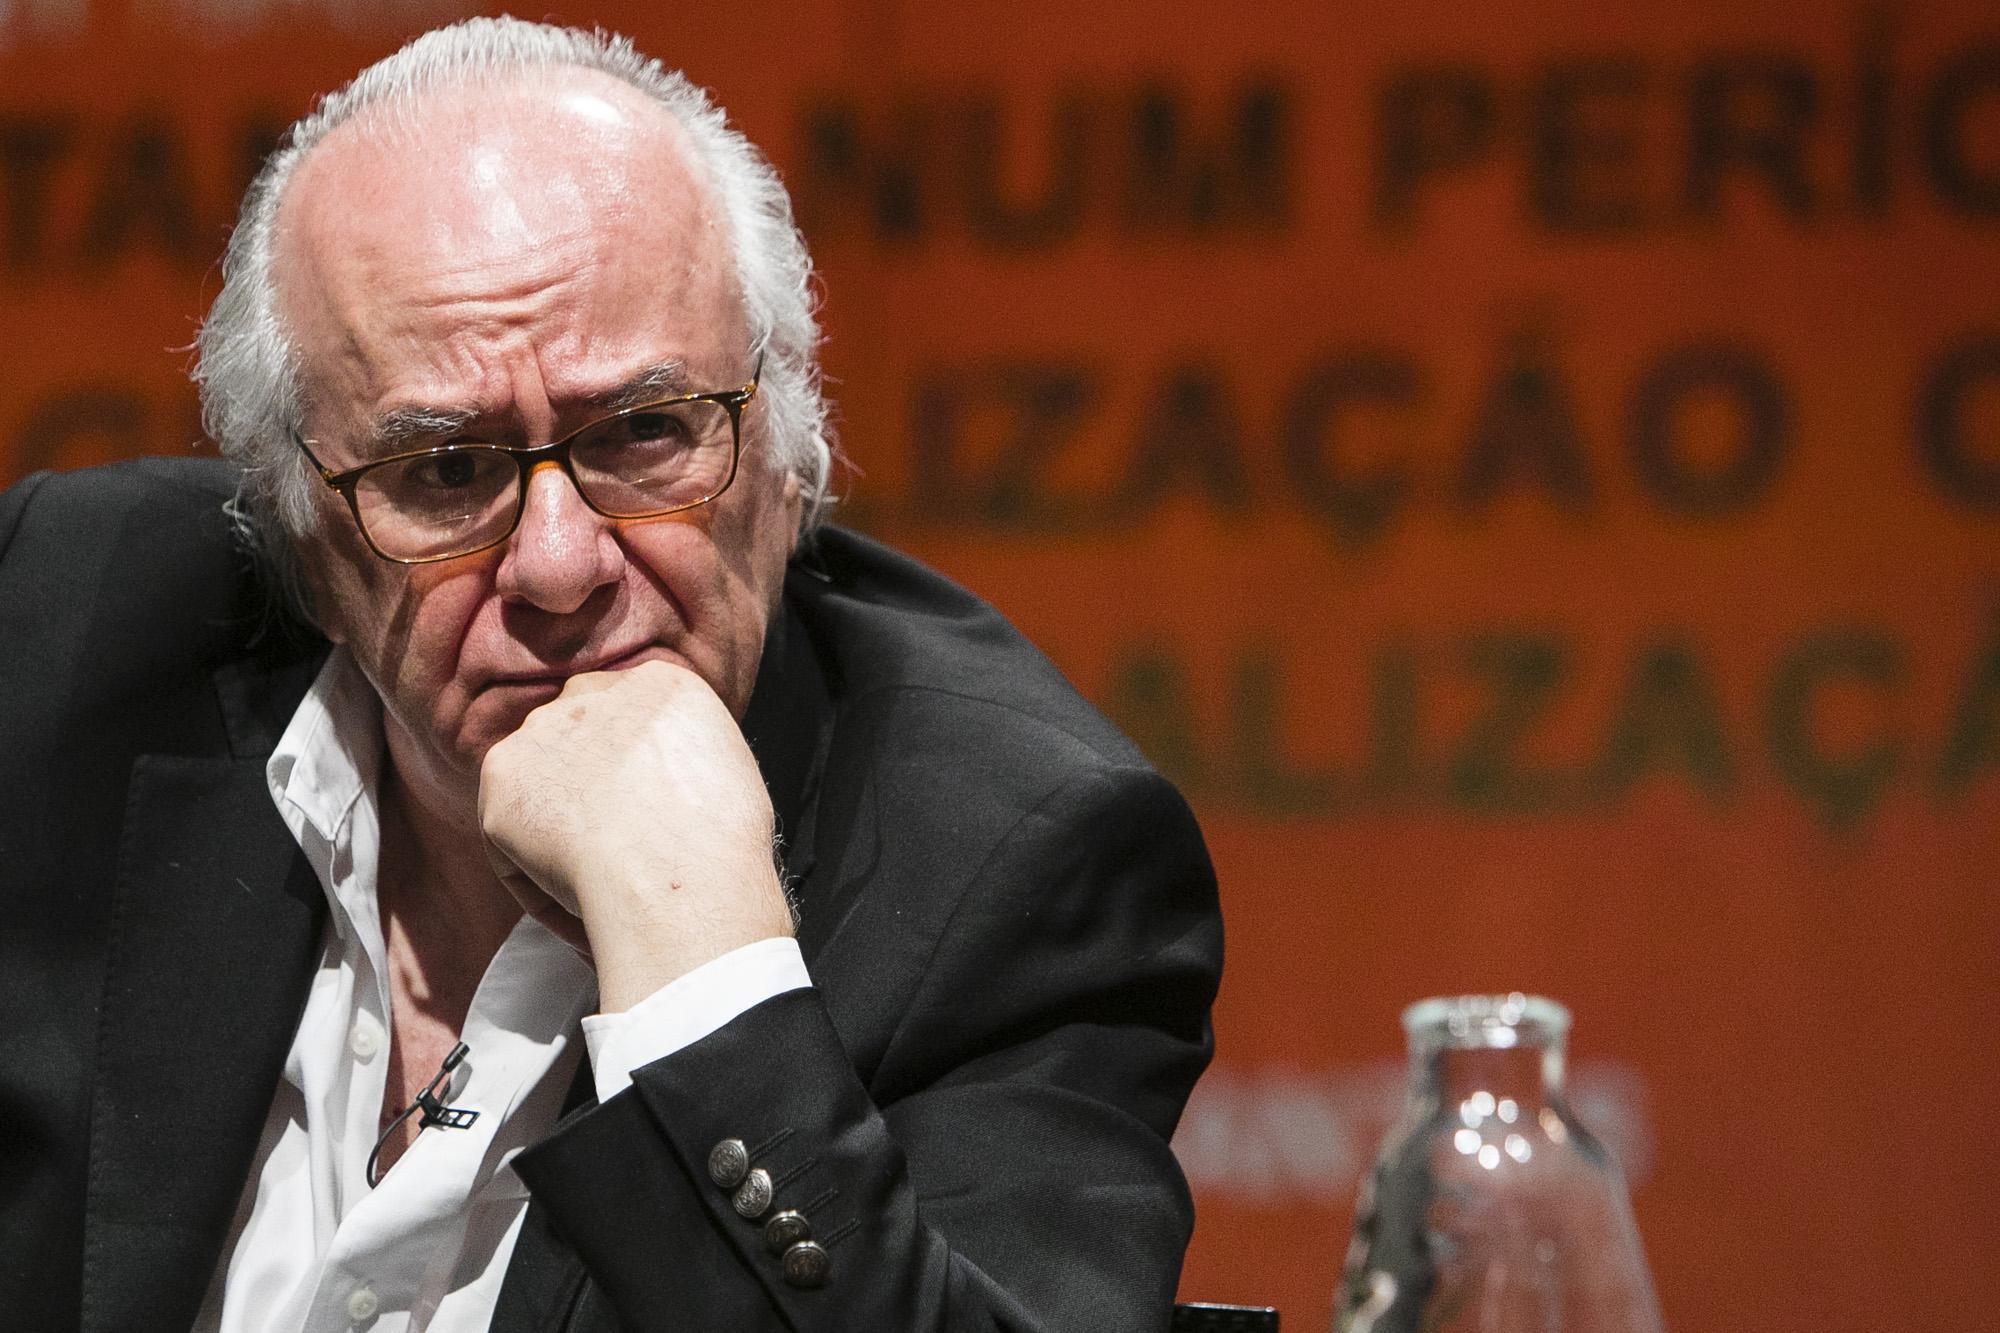 Boaventura Sousa Santos deu, no Porto, a conferência: ''Estamos num período de Globalização ou Des-globalização?'. Fotografia: Miguel Marques Ribeiro